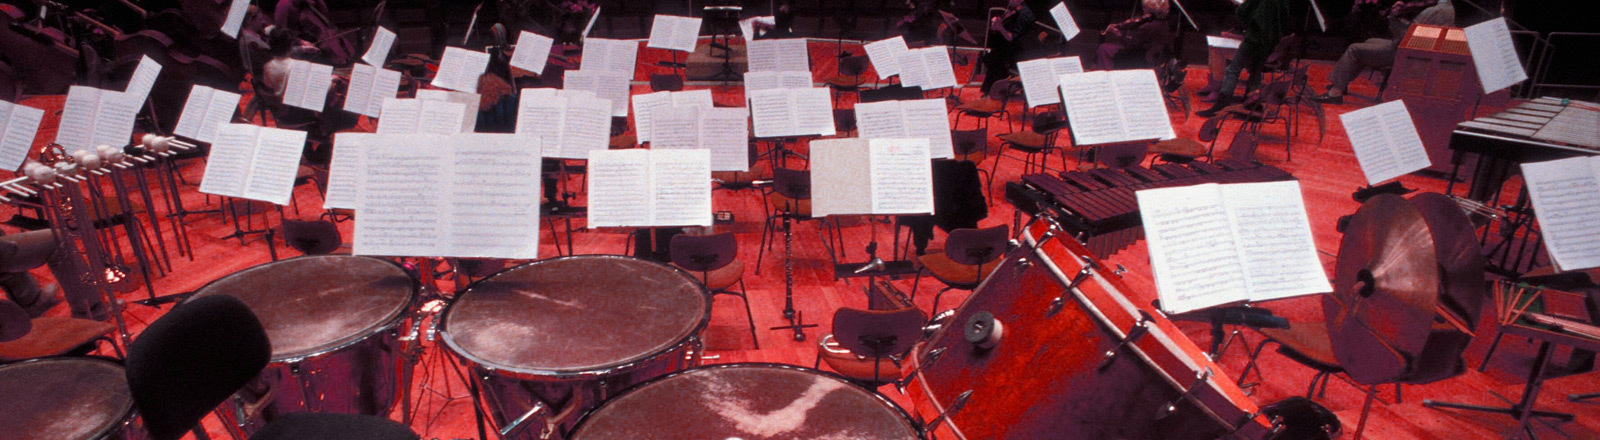 Instrumente im Orchestergraben.